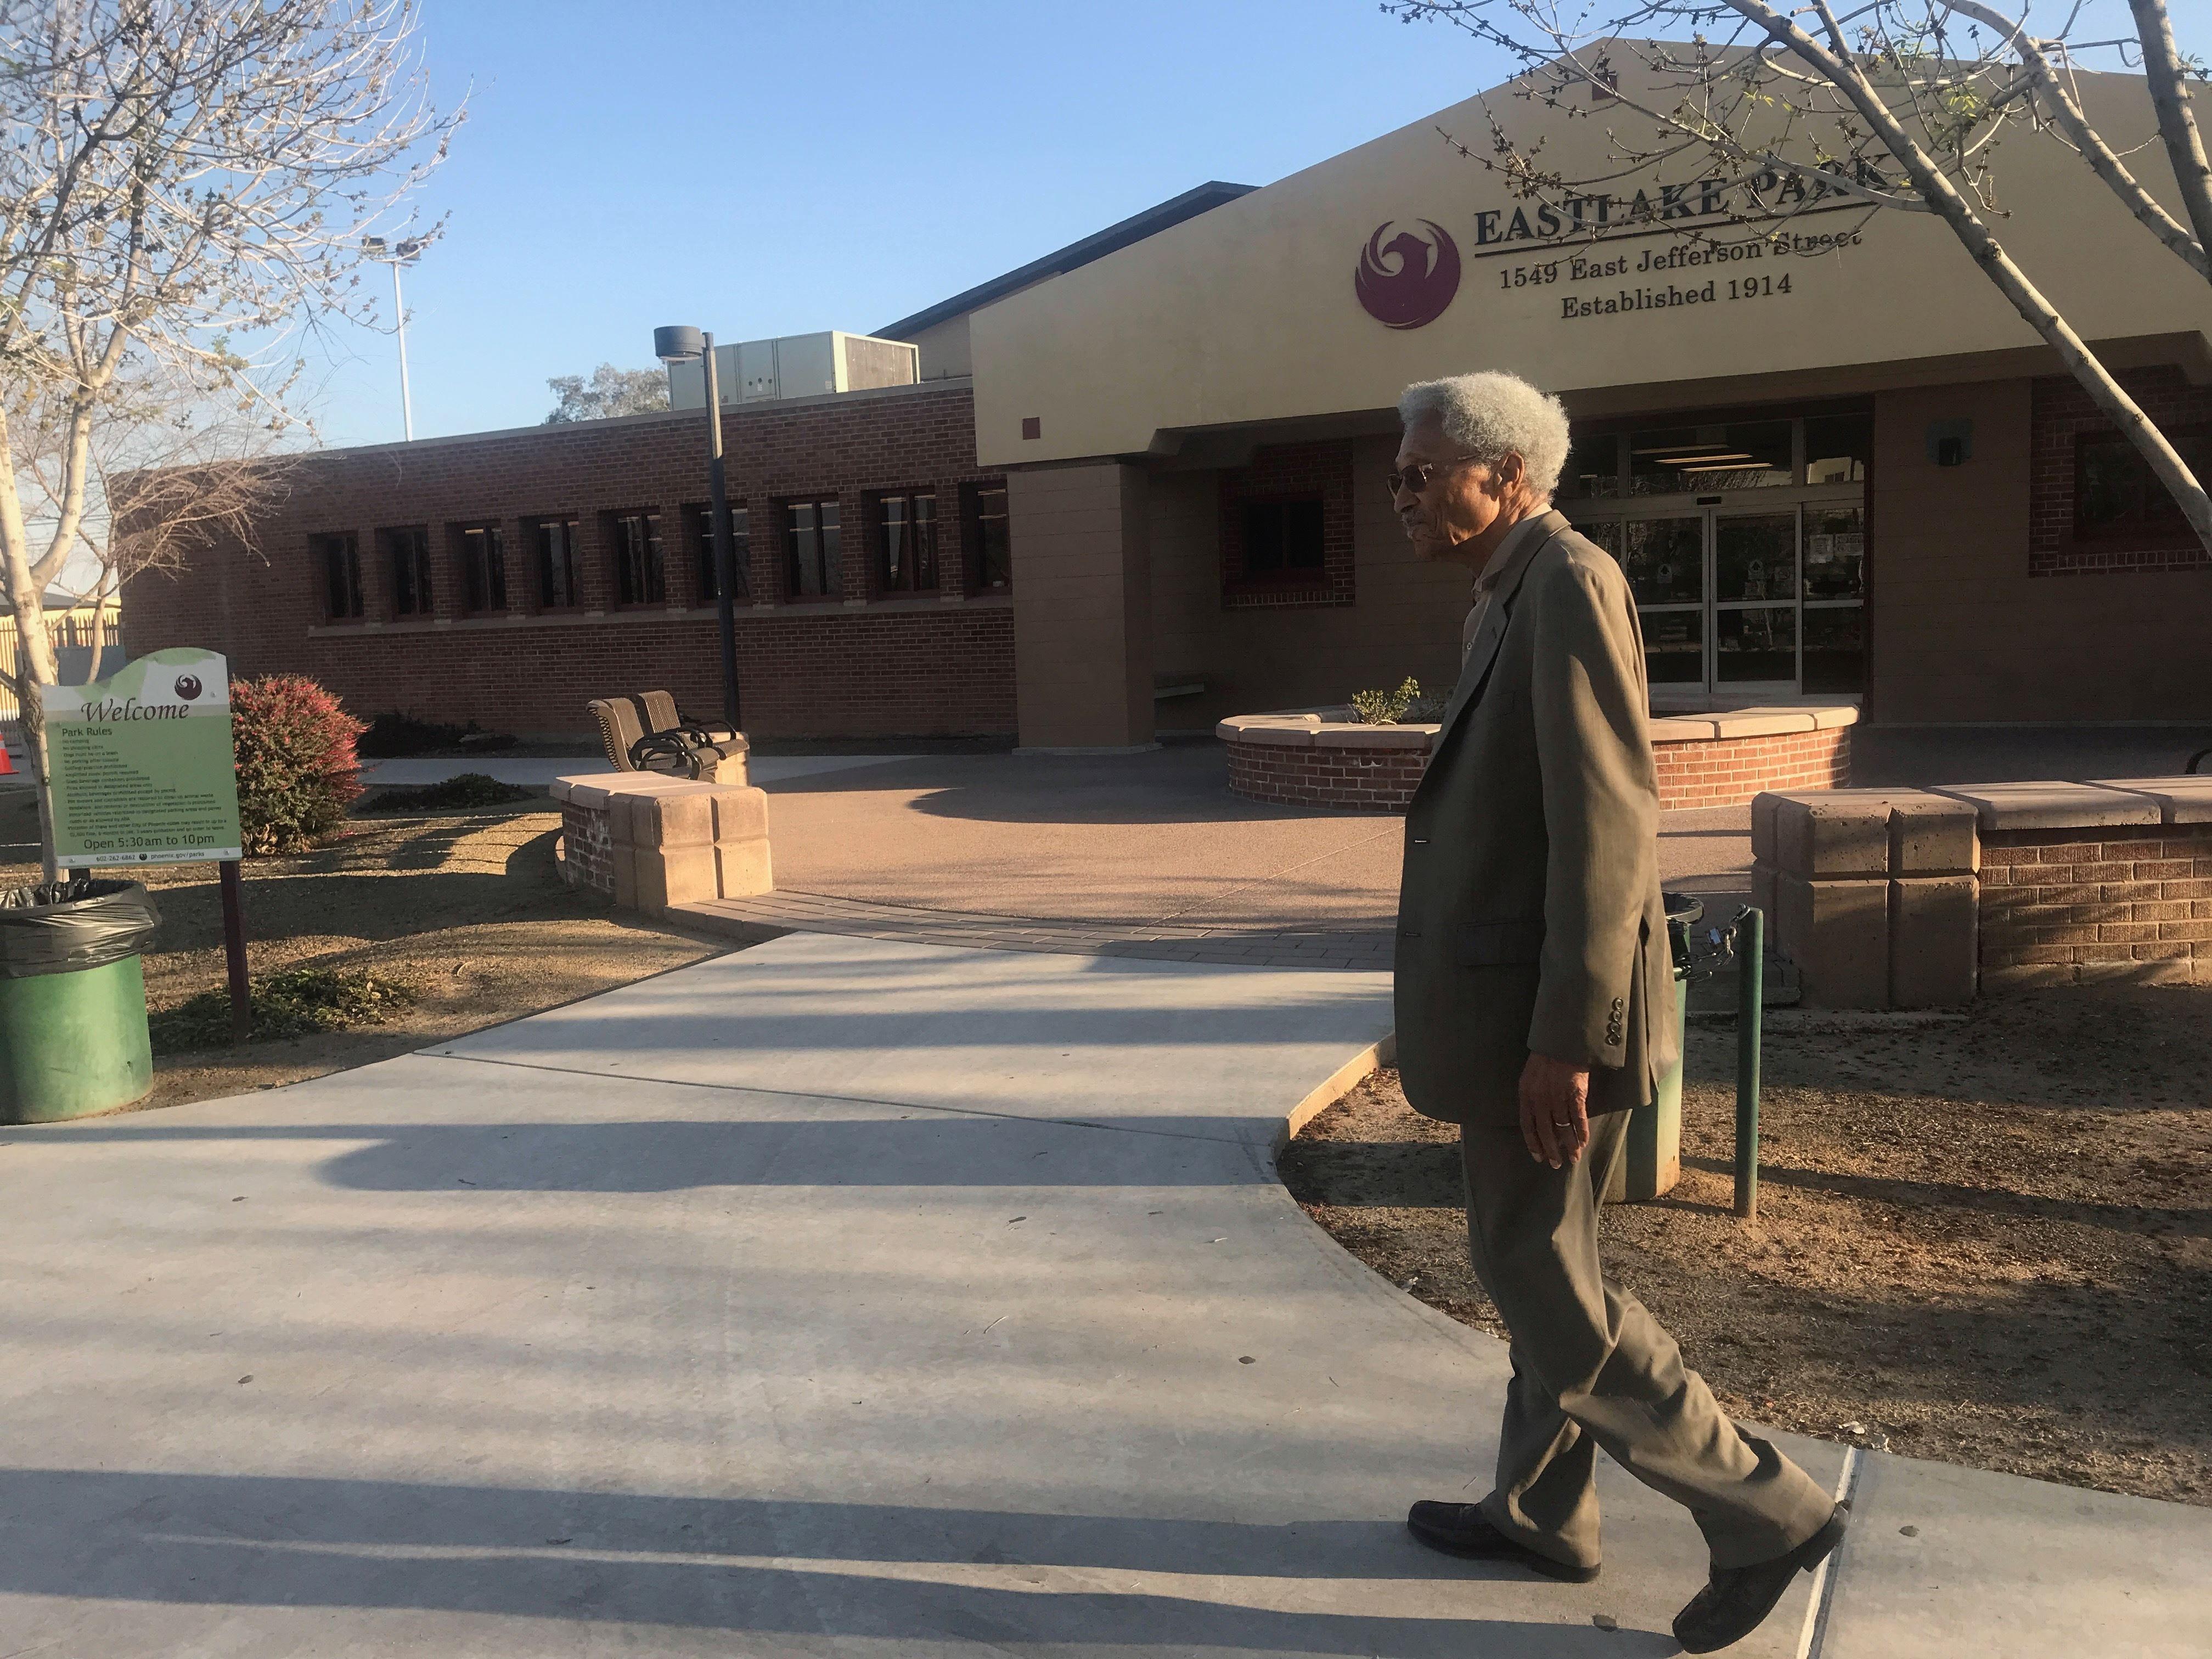 Calvin Goode walks through Eastlake Park on Wednesday, Feb. 27, 2019.